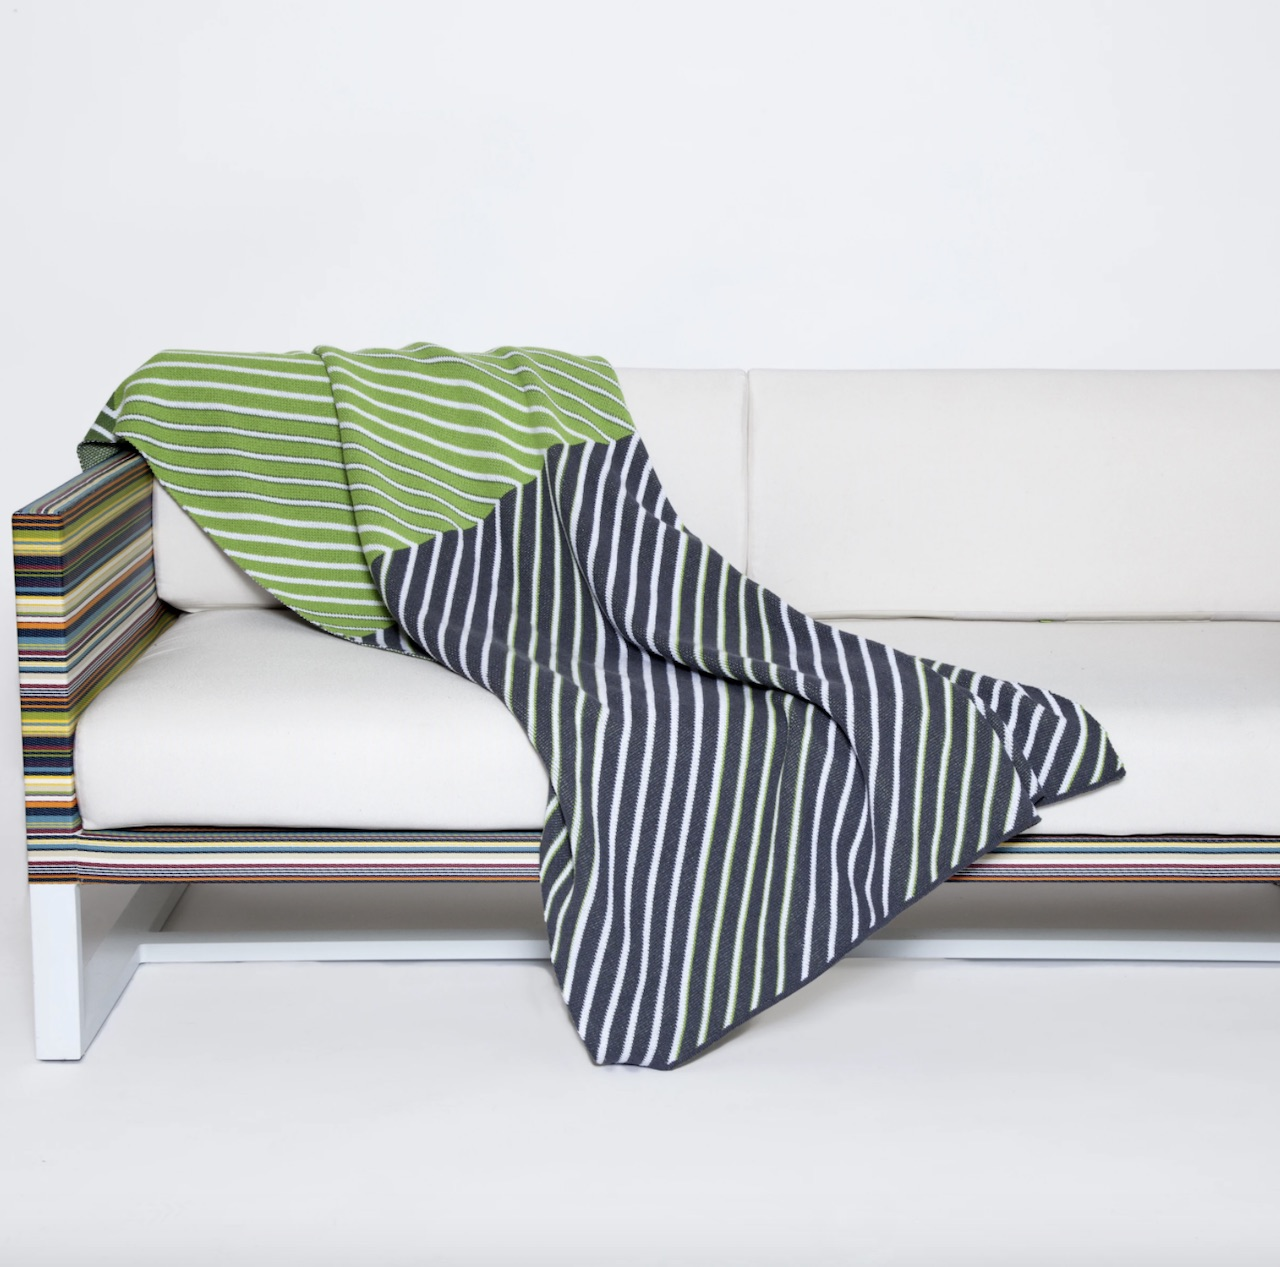 Cobija ecológica Zag by Kelly Harris Smith | alvaluz.com